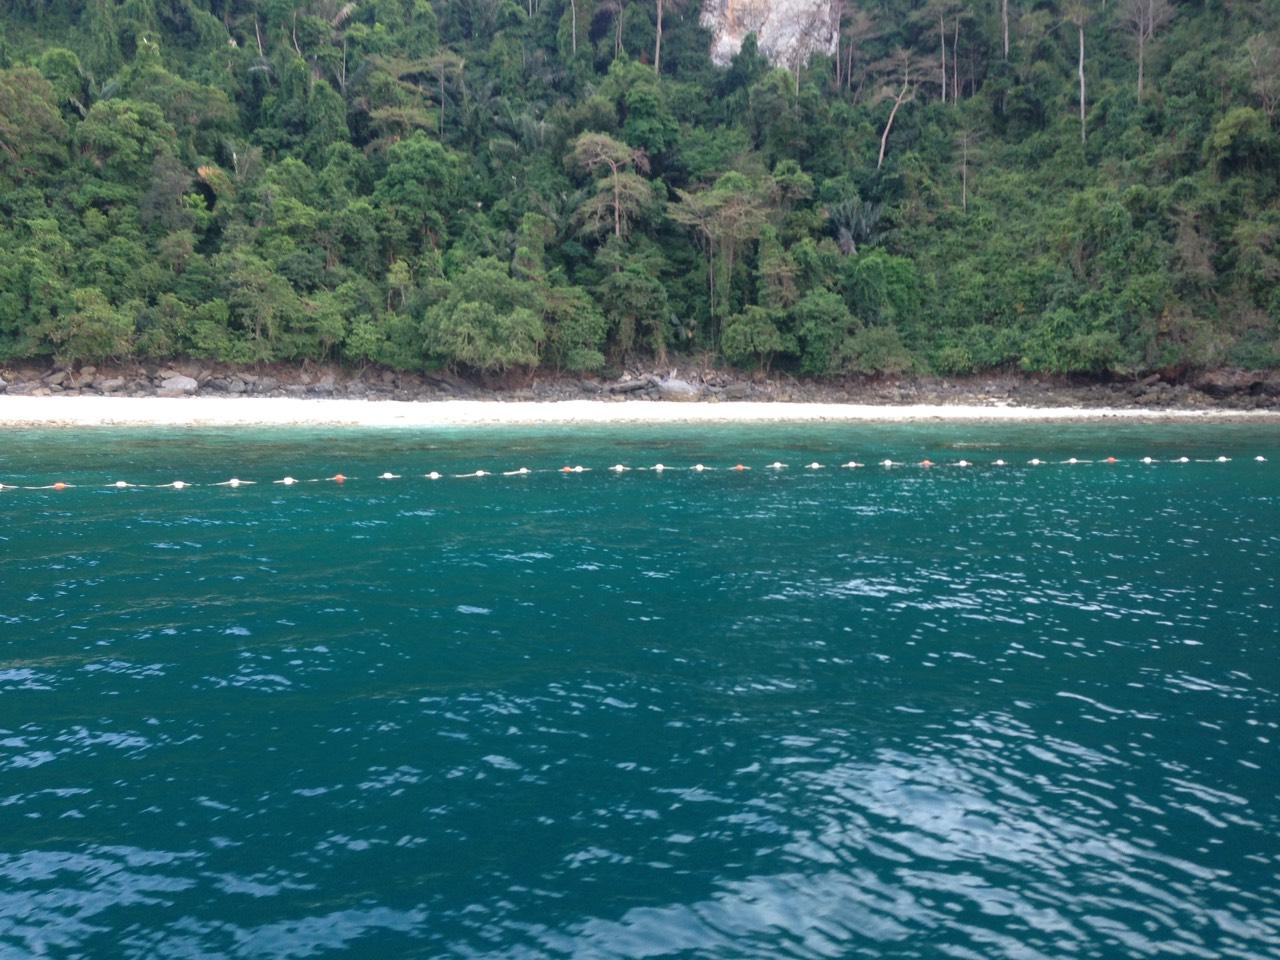 เร่งวางทุ่นจุดดำน้ำลึกรอบเกาะพีพี เพิ่มความปลอดภัยนักท่องเที่ยว